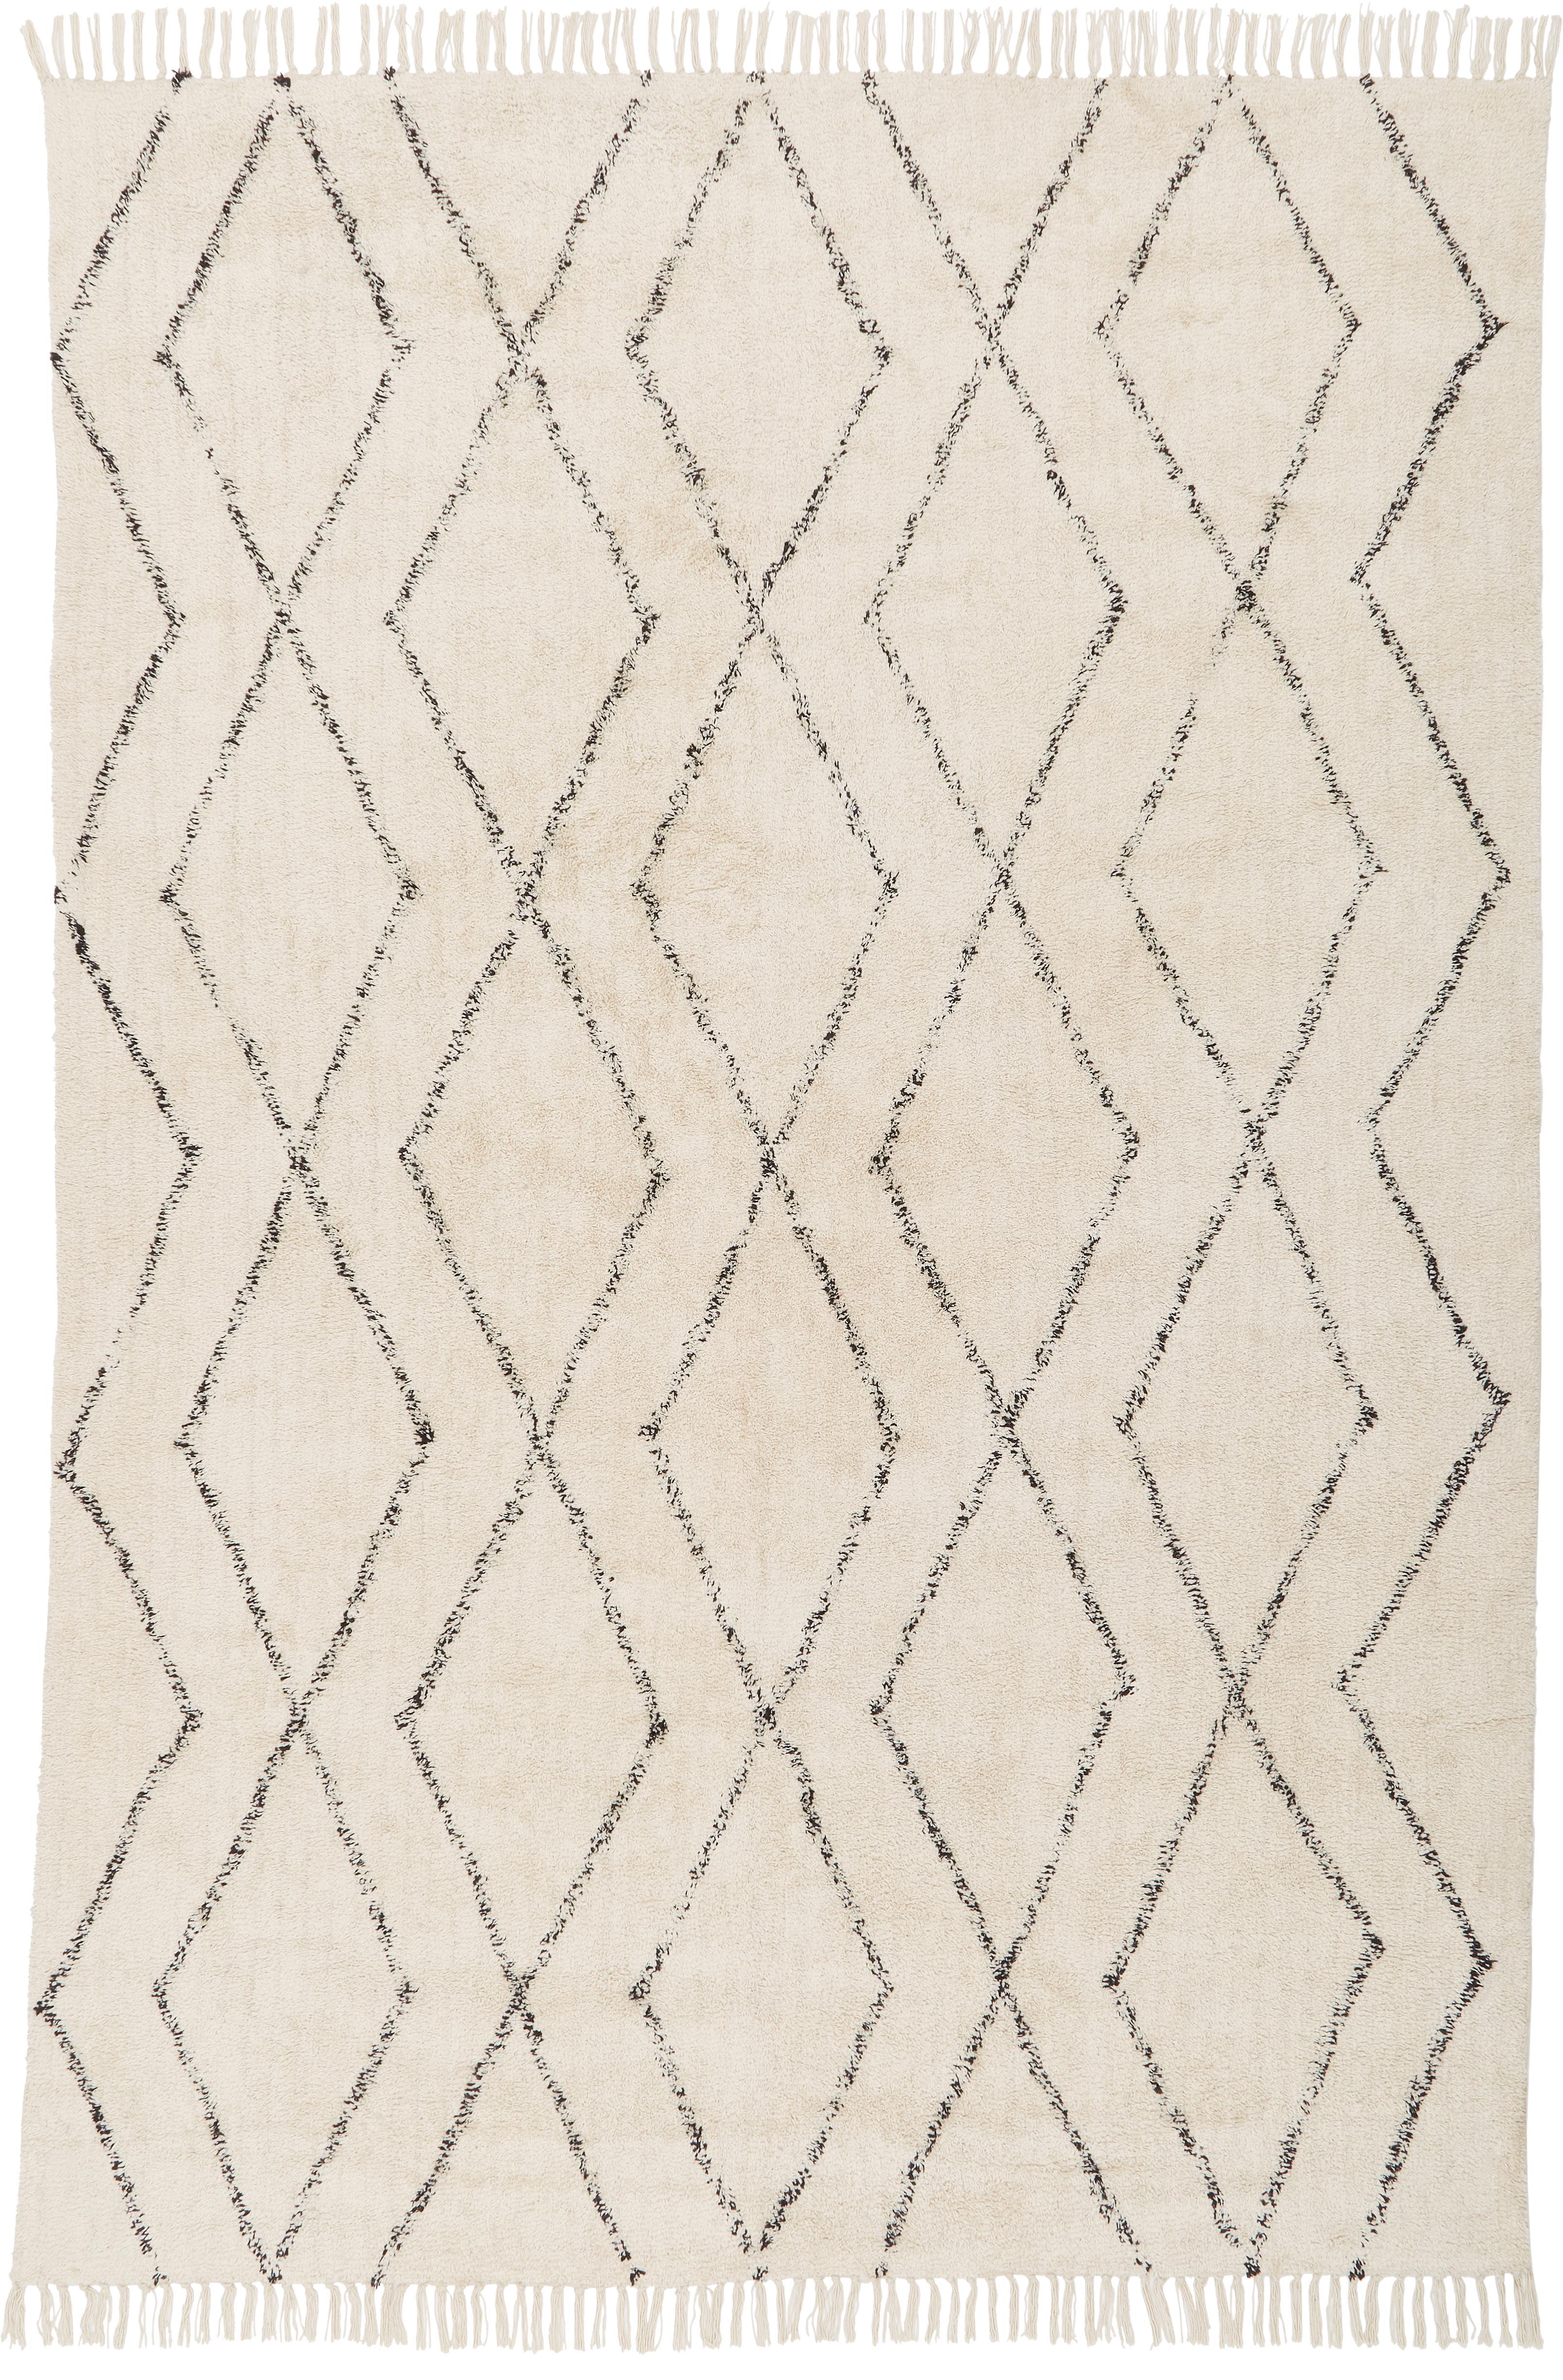 Handgetuft katoenen vloerkleed Bina met ruitjesmotief, Beige, zwart, 200 x 300 cm